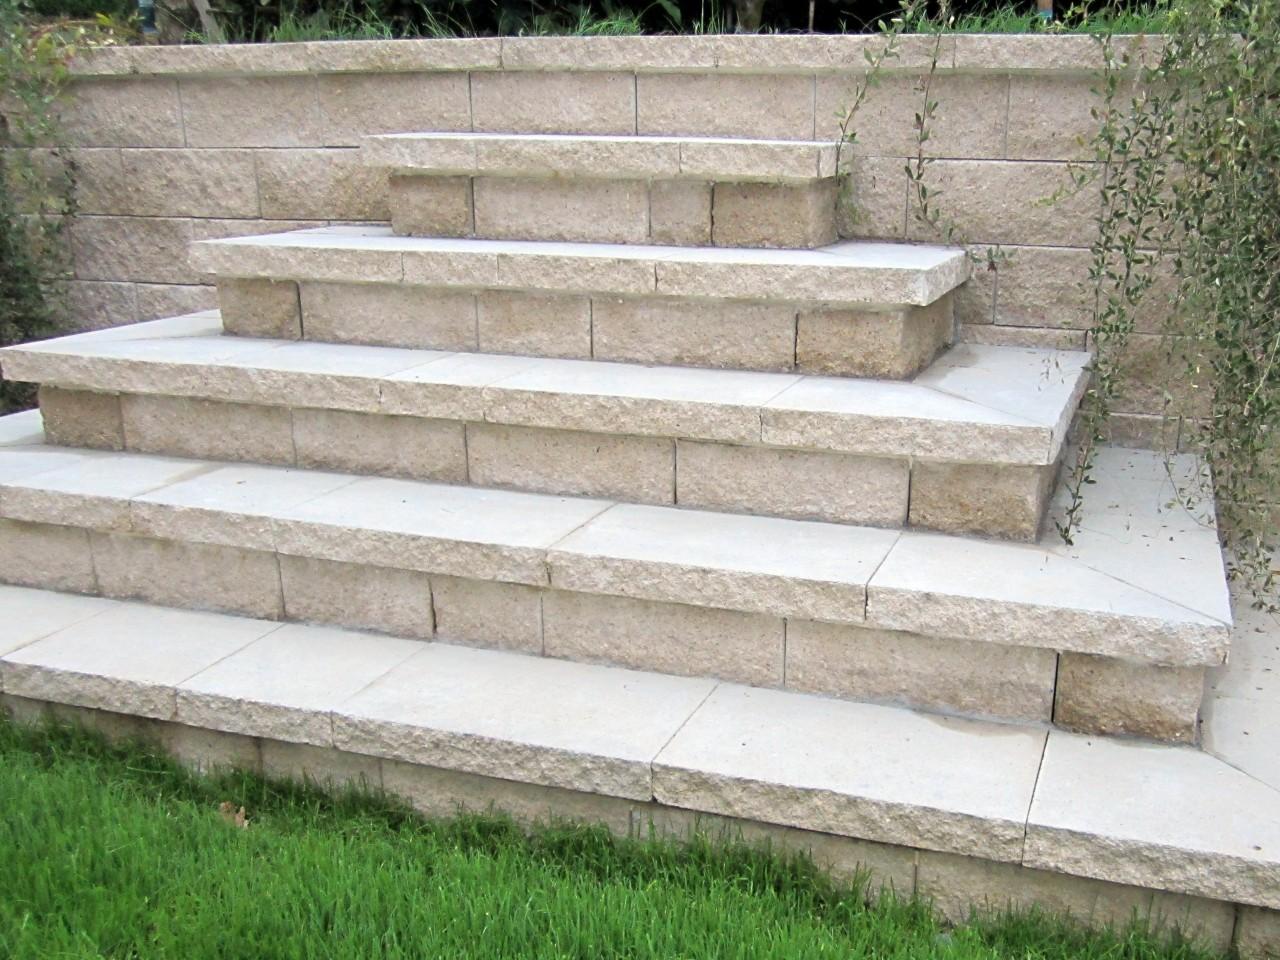 Escalier paysagé en pierre calcaire